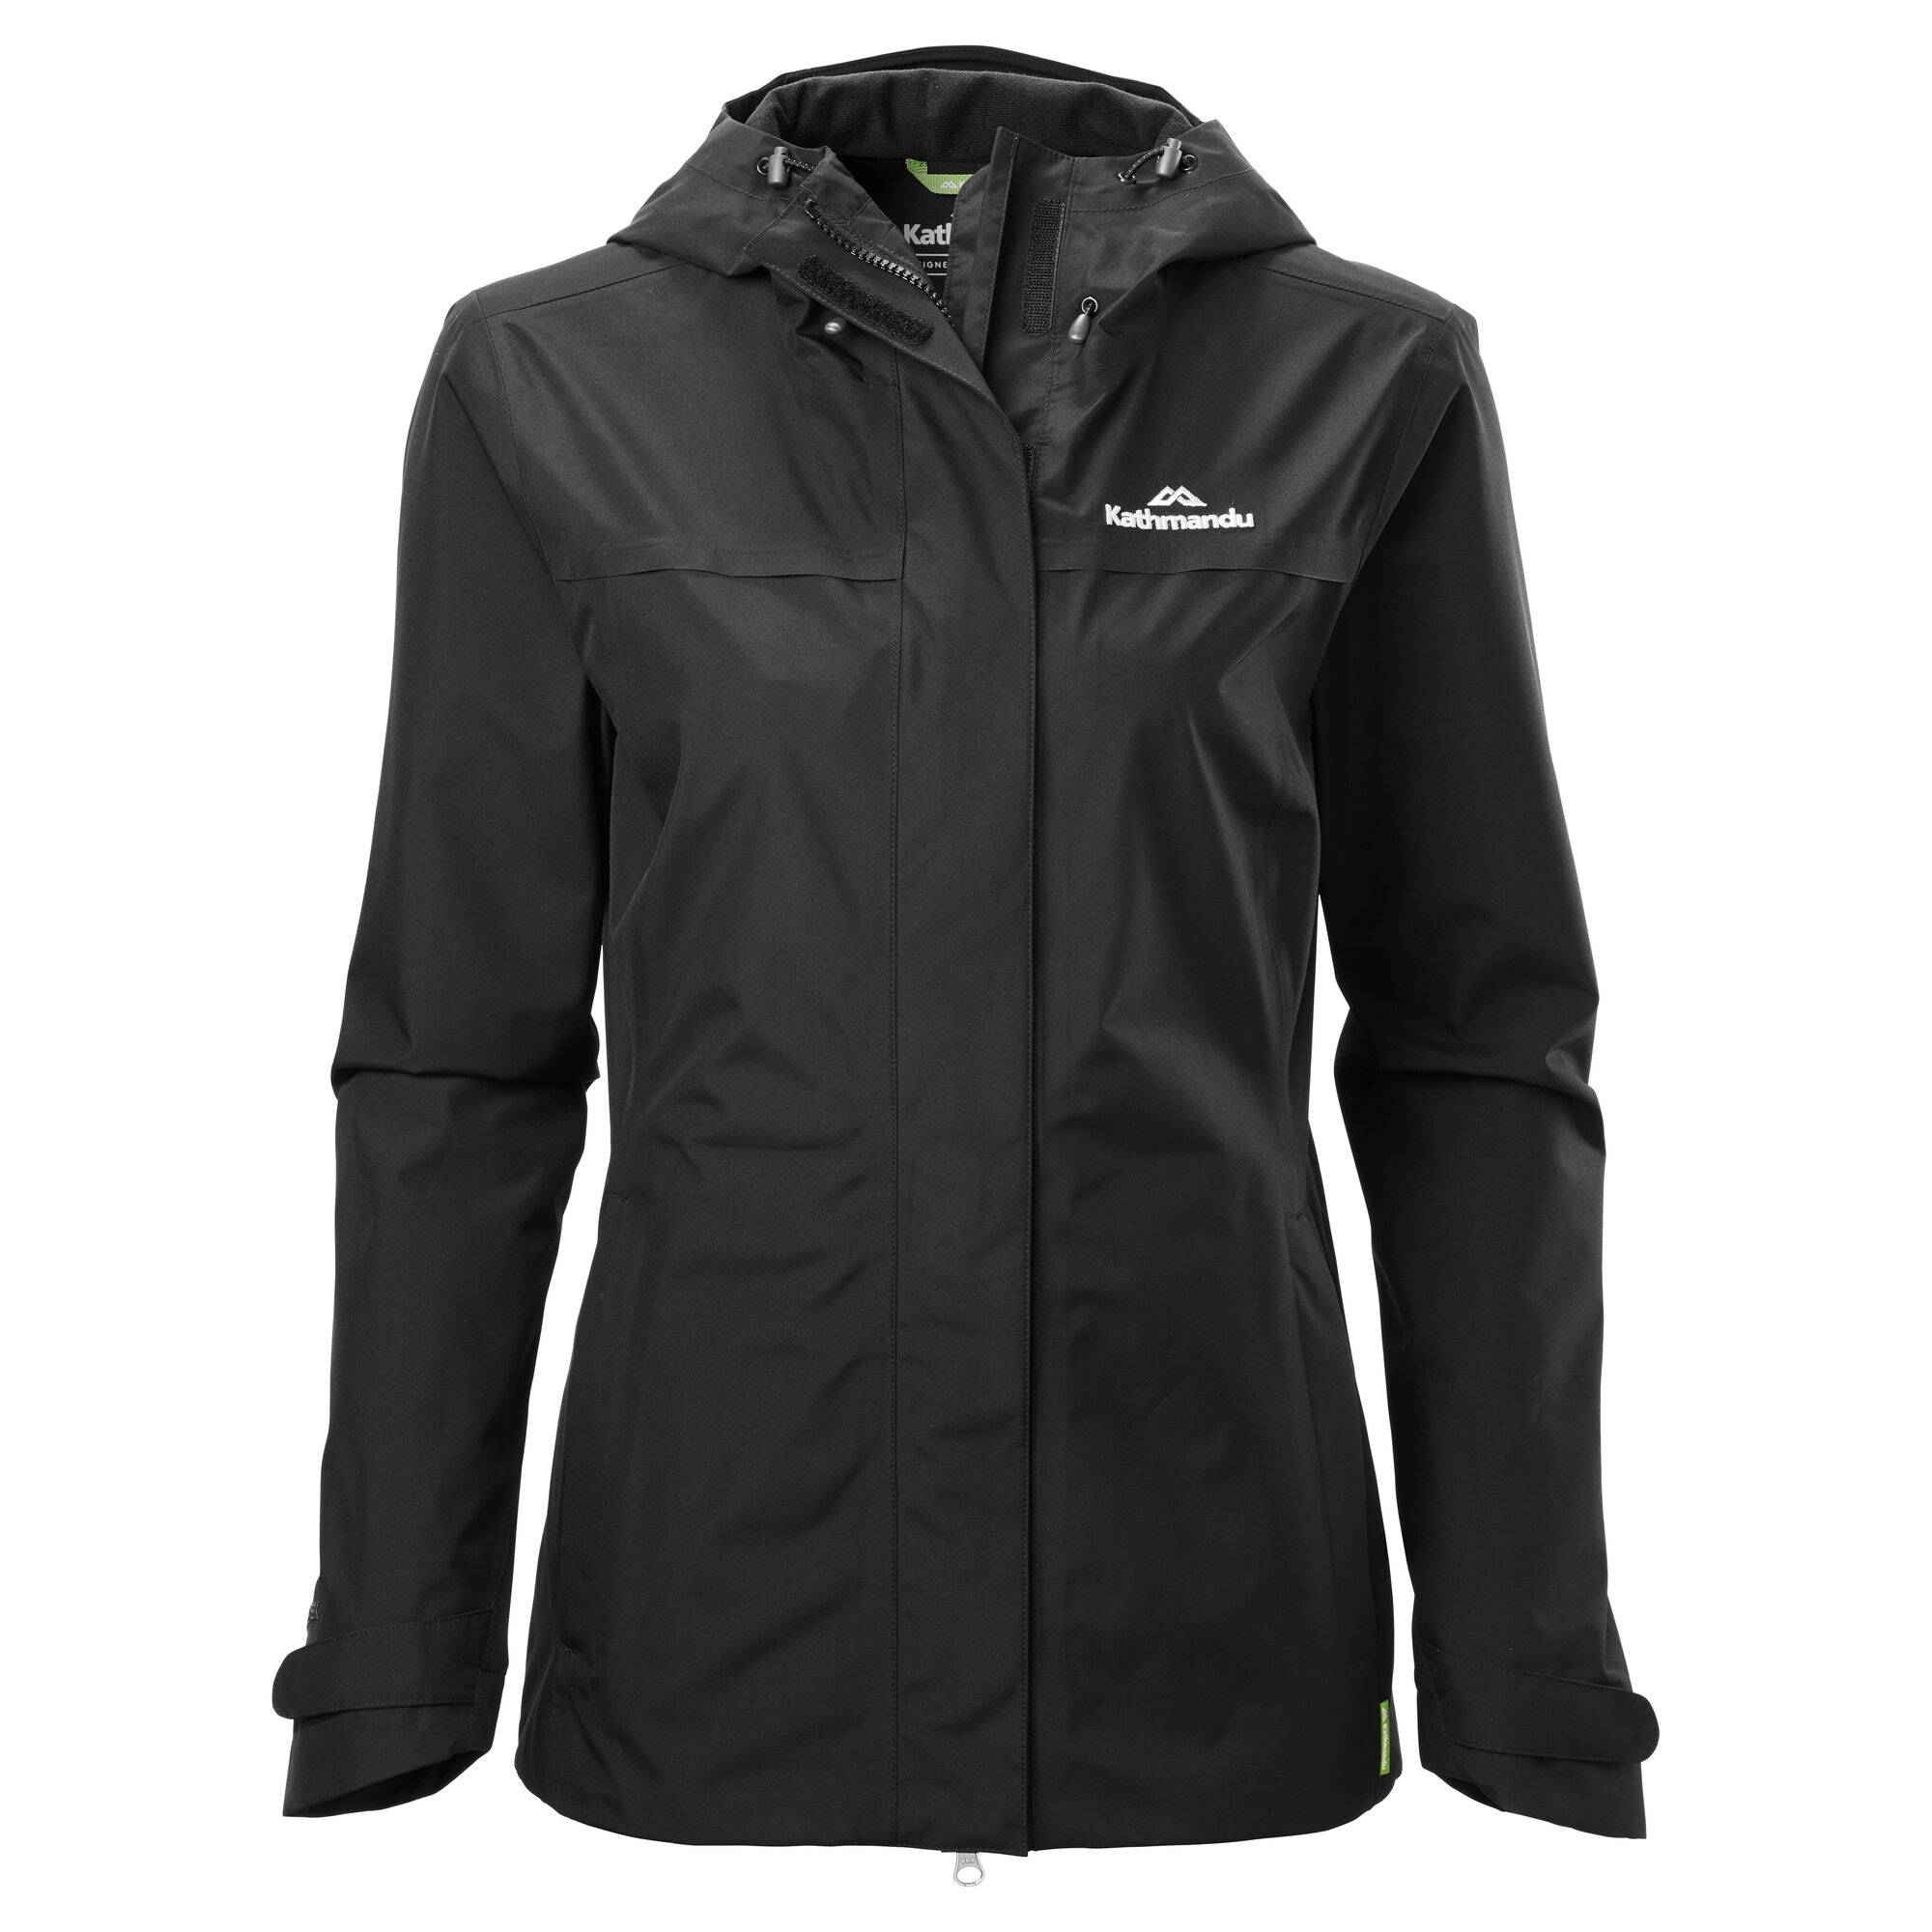 Kathmandu Bealey Women's GORE-TEX Jacket  - Black - Size: US 4